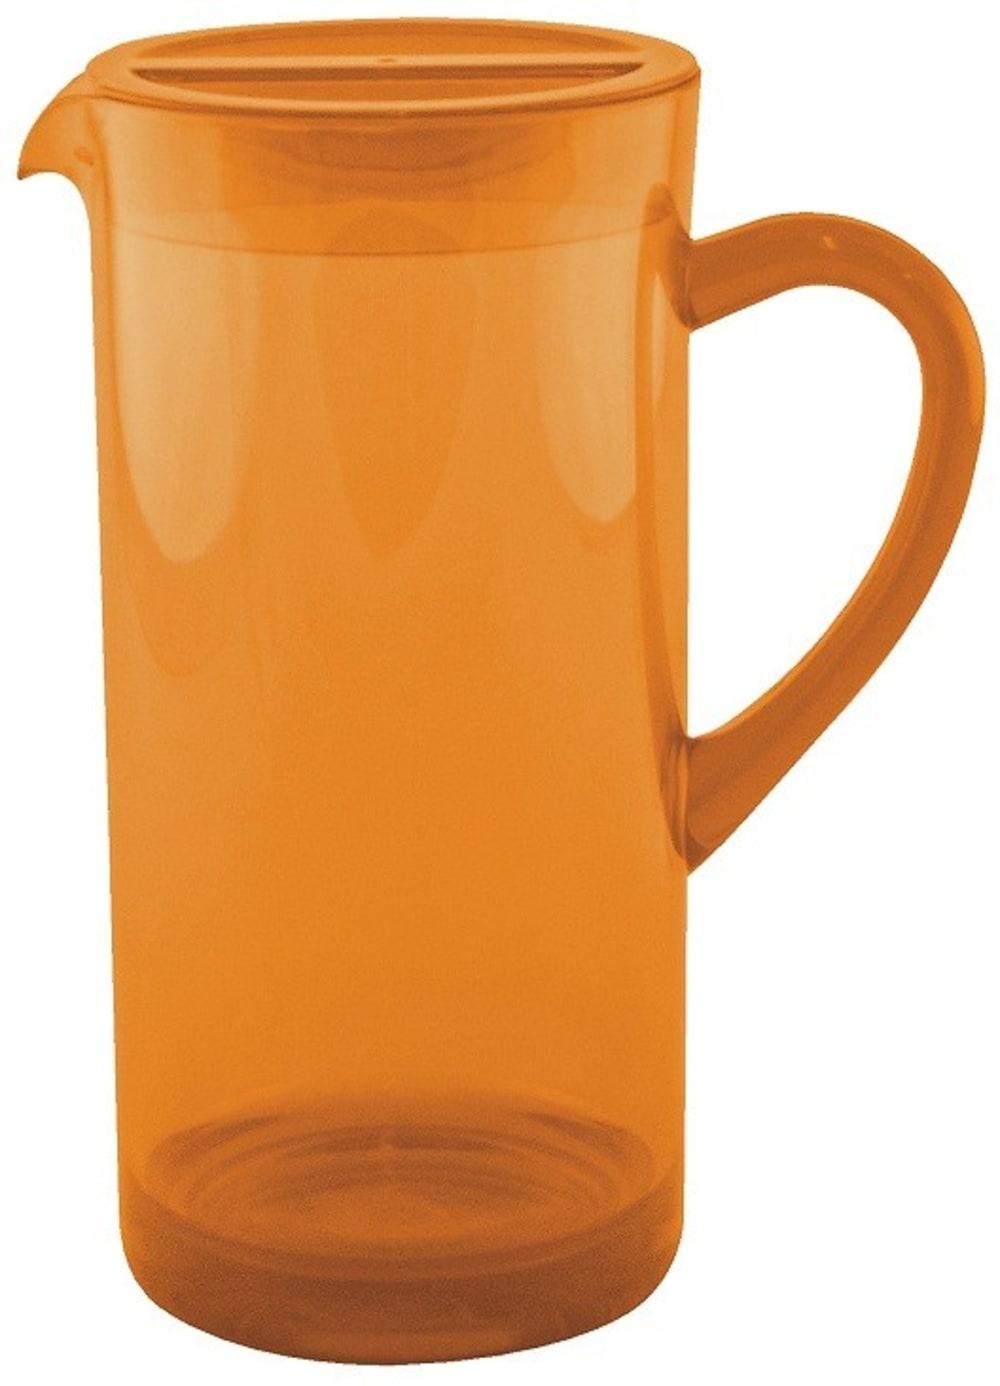 Zak! - Dzbanek na napoje, pomarańczowy